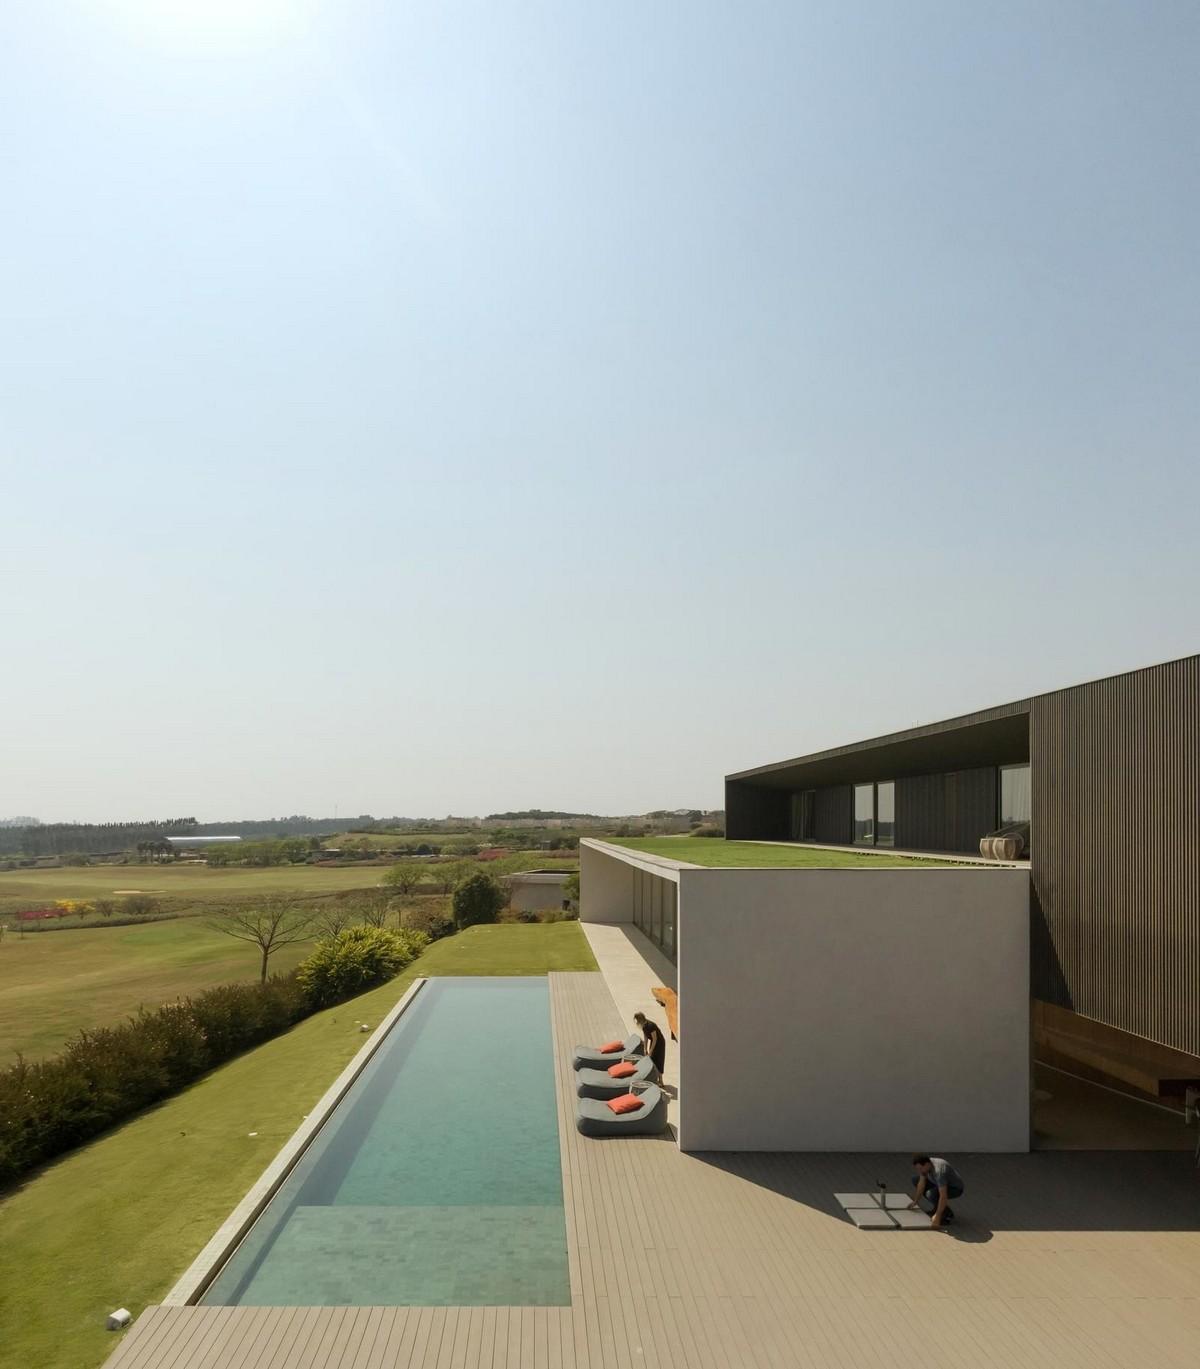 Особняк с видом на поле для гольфа в Сан-Паулу